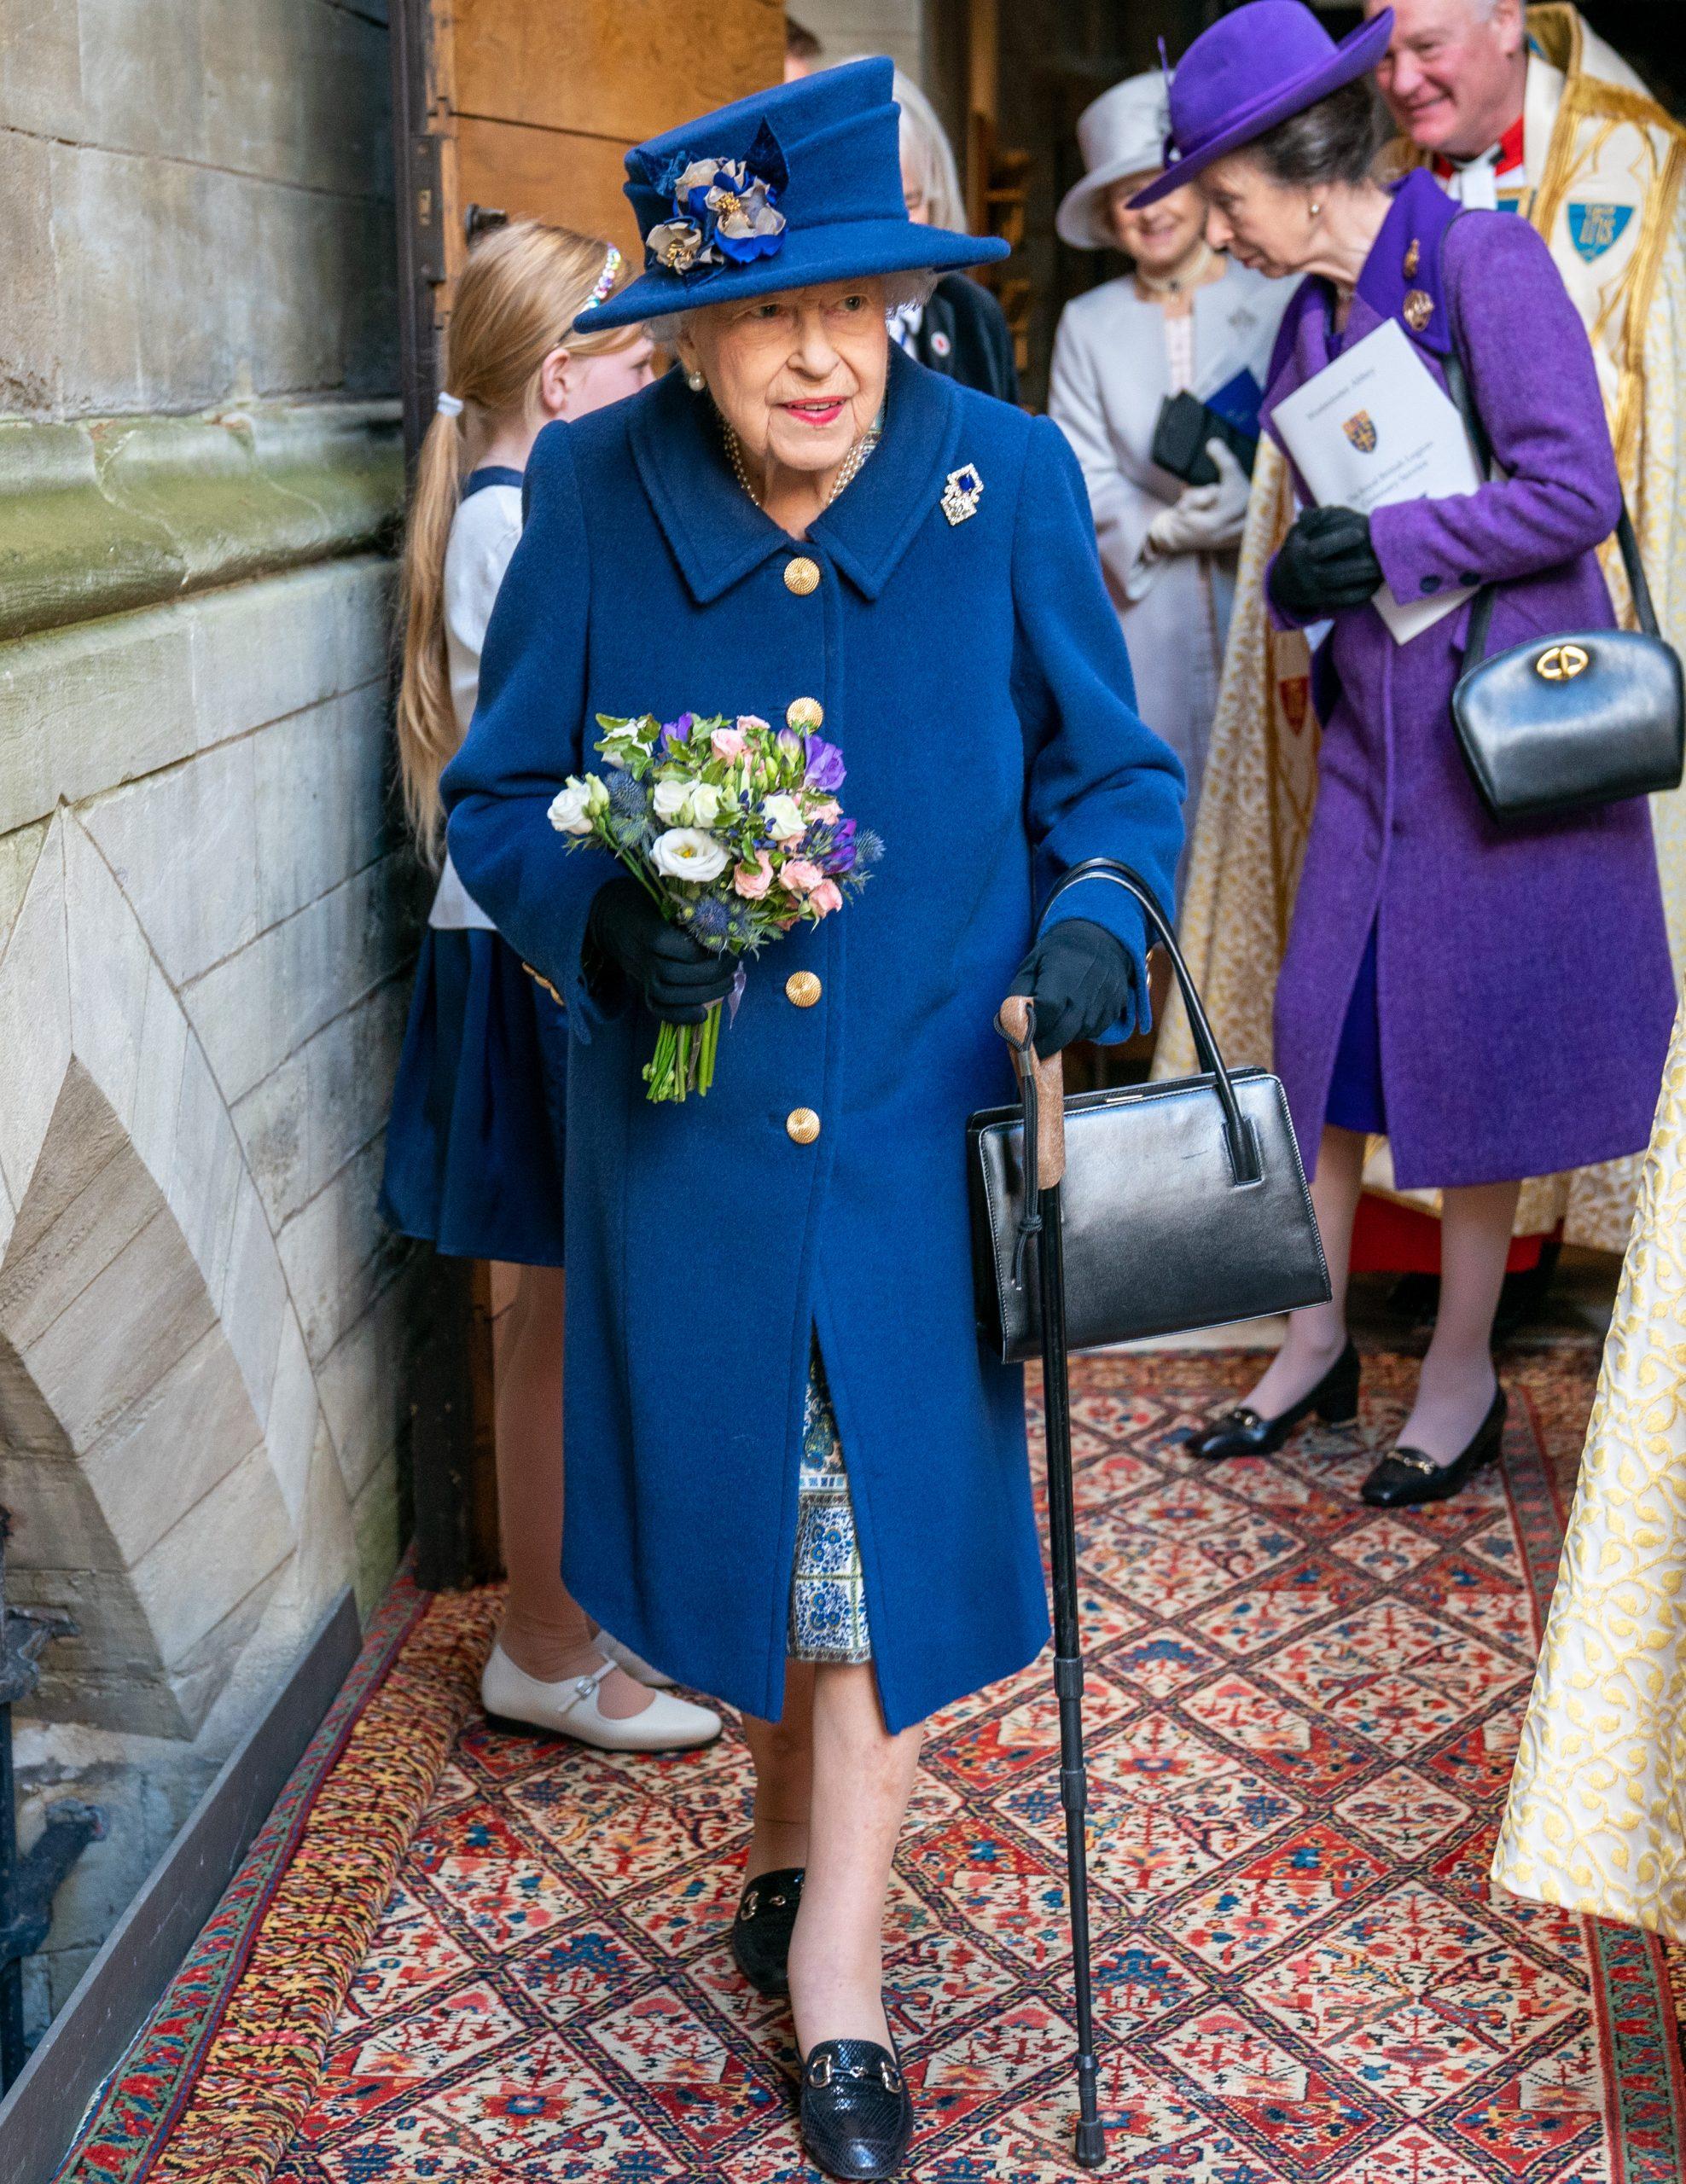 La Reine, La Reine a suscité des craintes pour la santé